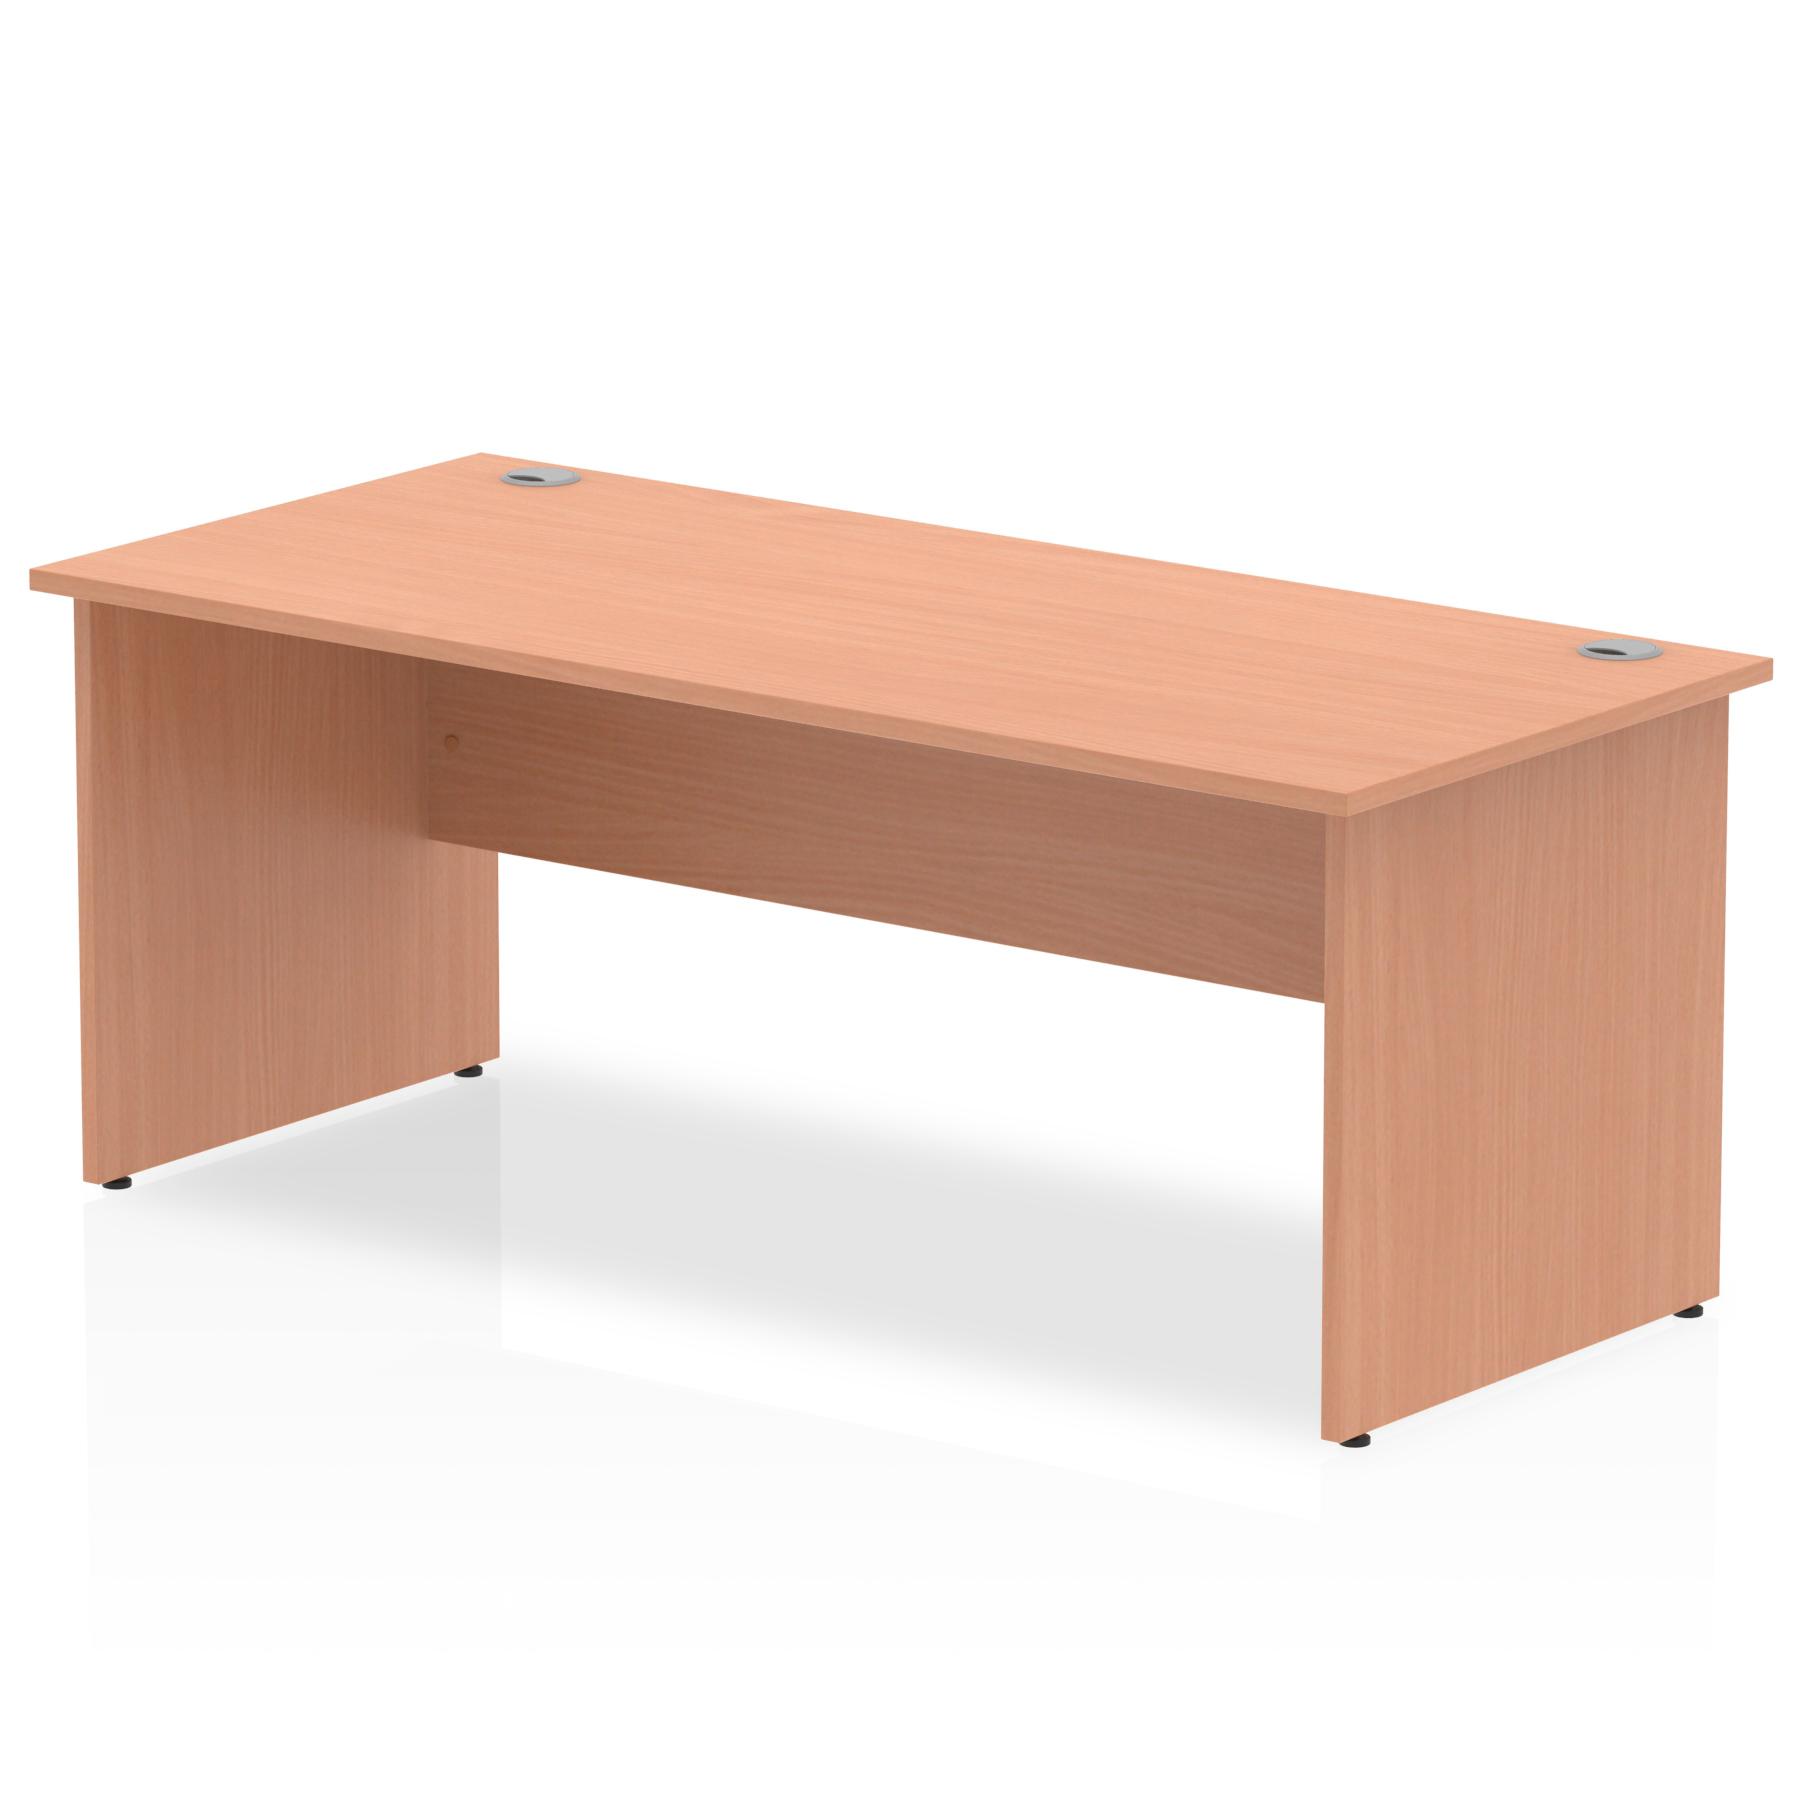 Rectangular Desks Impulse 1800 x 800mm Straight Desk Beech Top Panel End Leg I000374